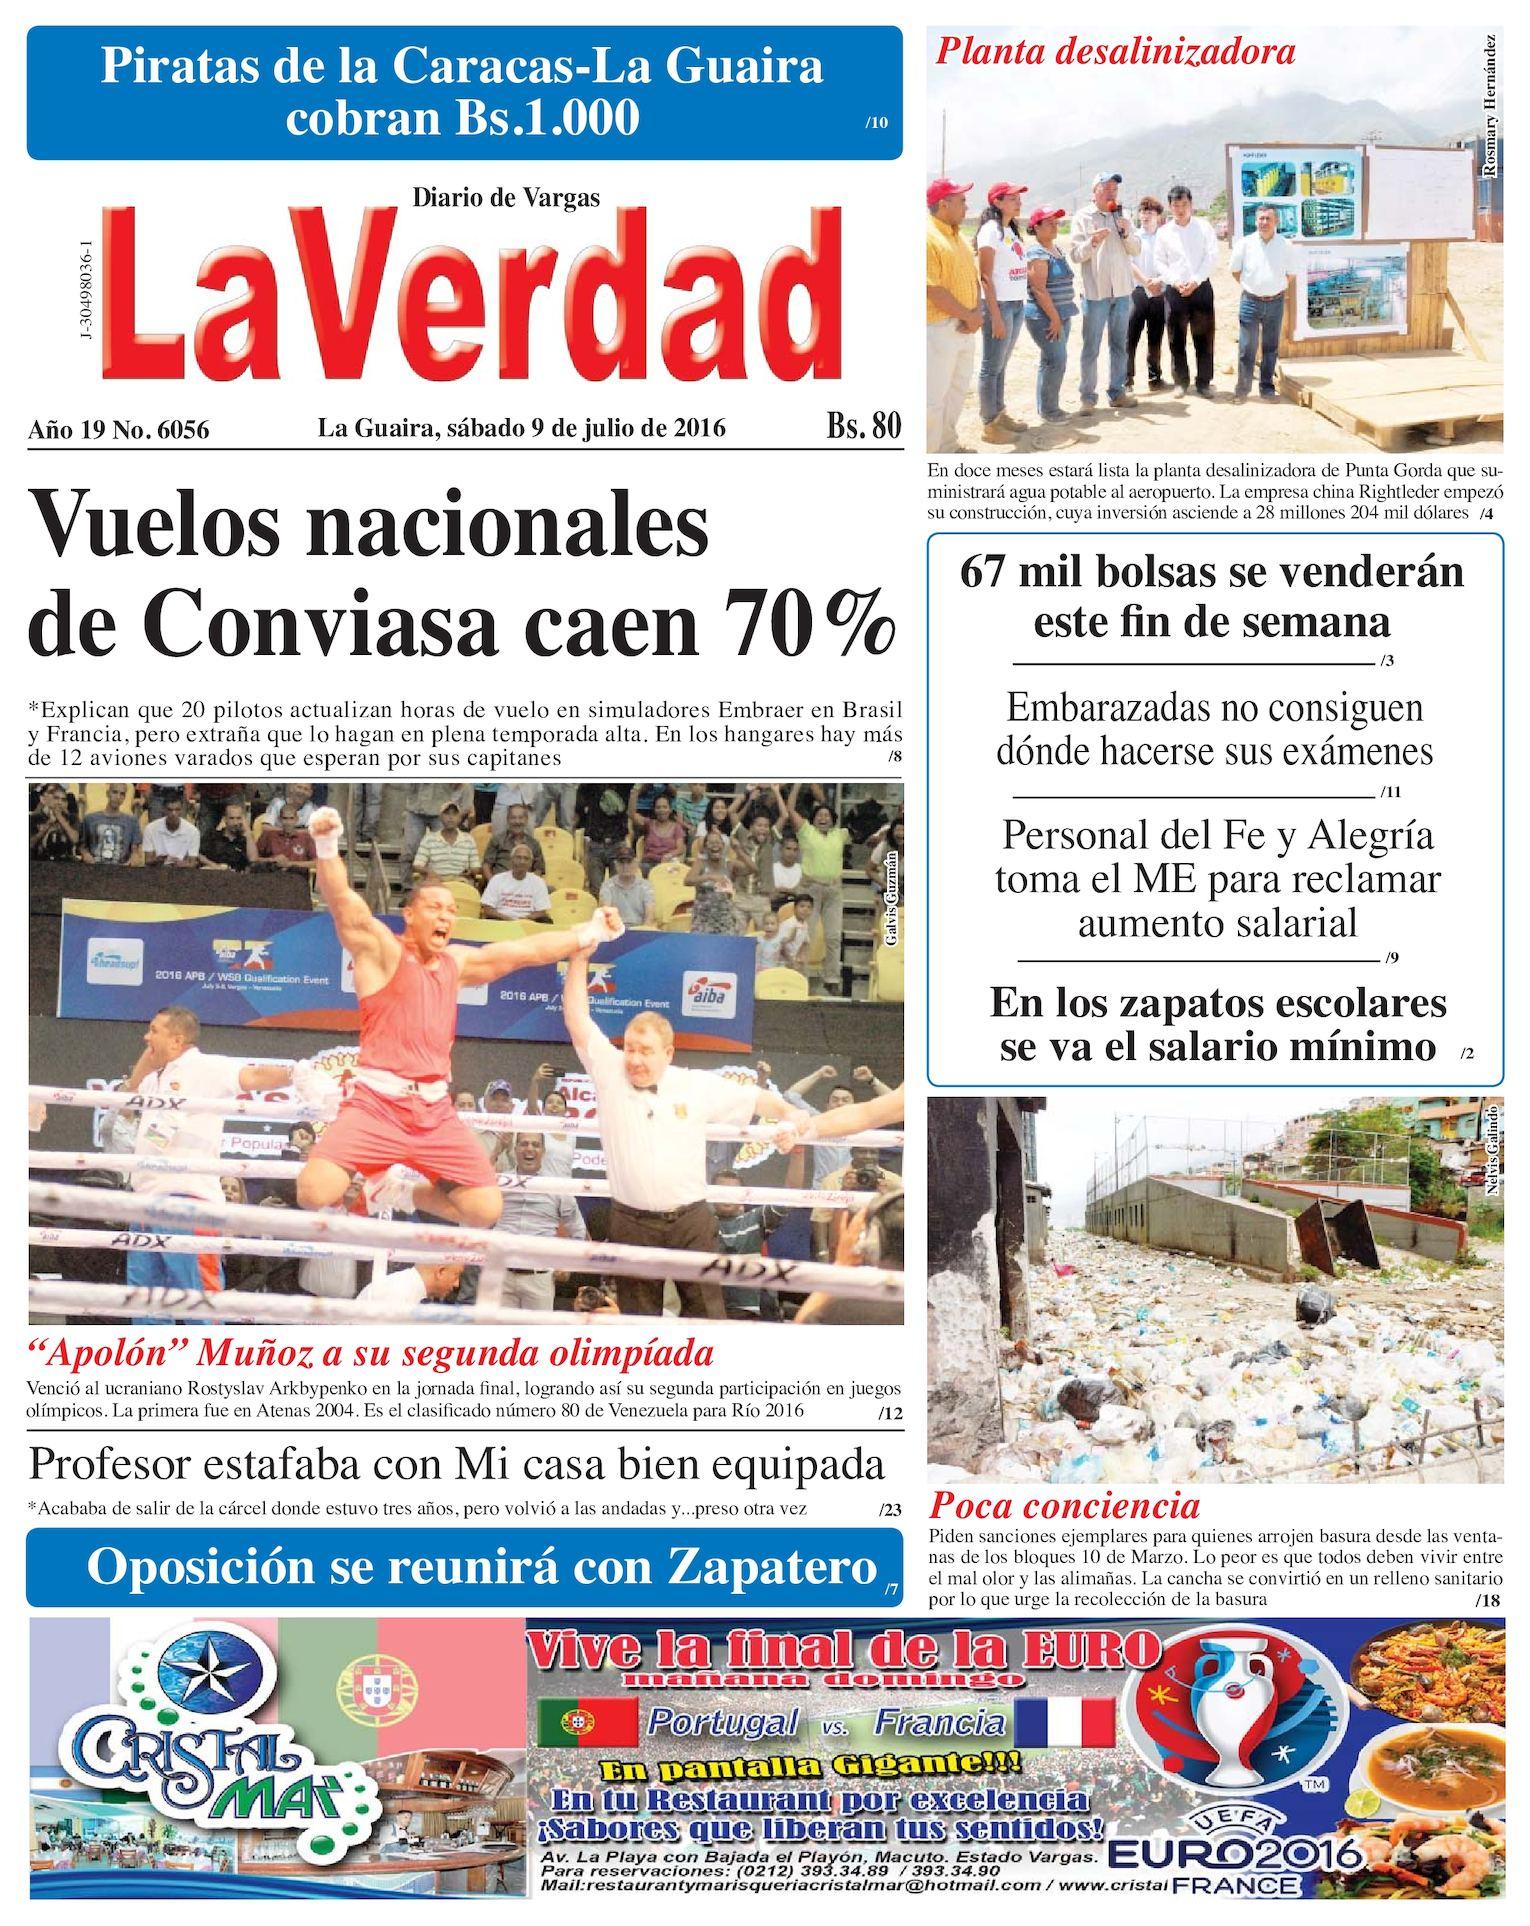 54229cccfc Calaméo - La Guaira, sábado 9 de julio de 2016 Año 19 Nº 6056